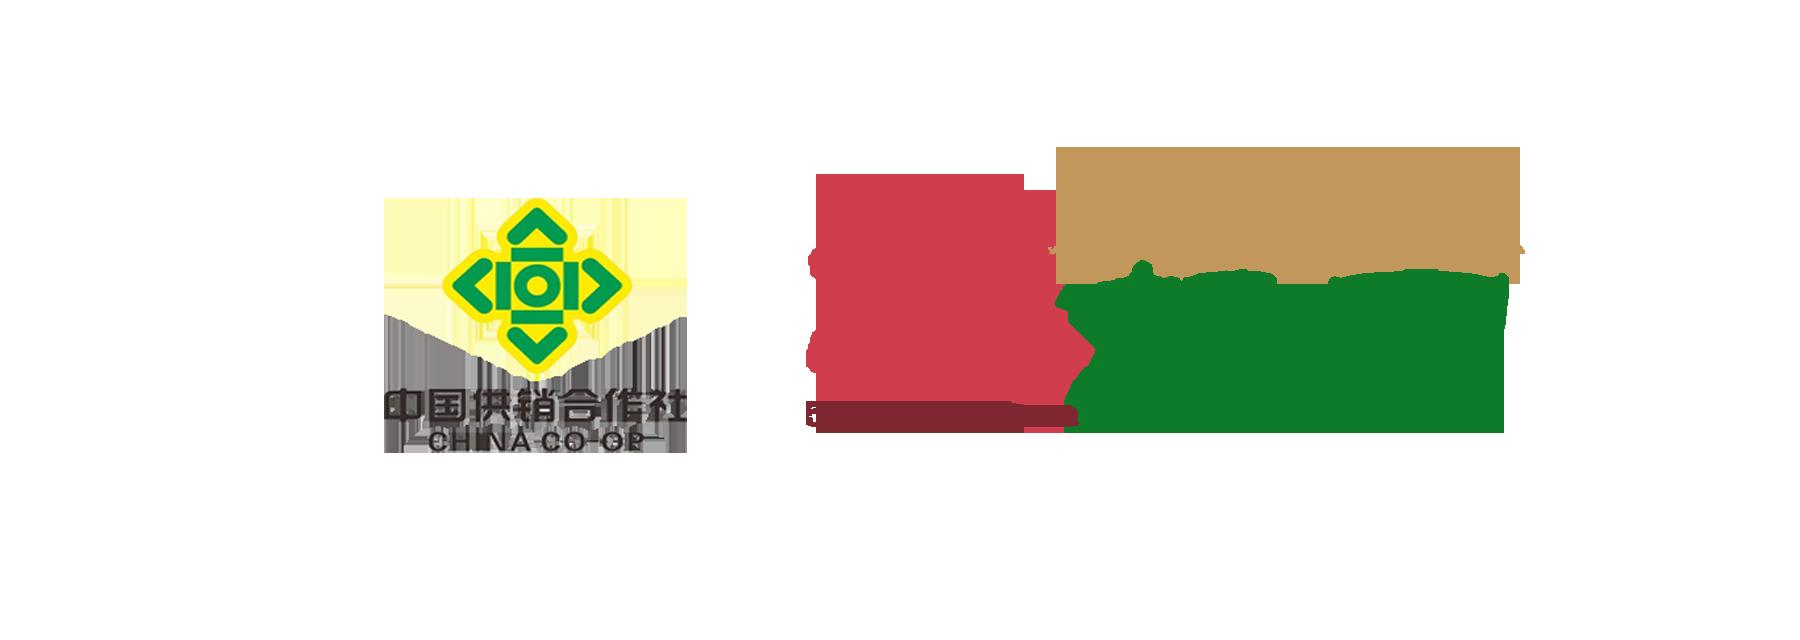 南京忆之味电子商务有限公司